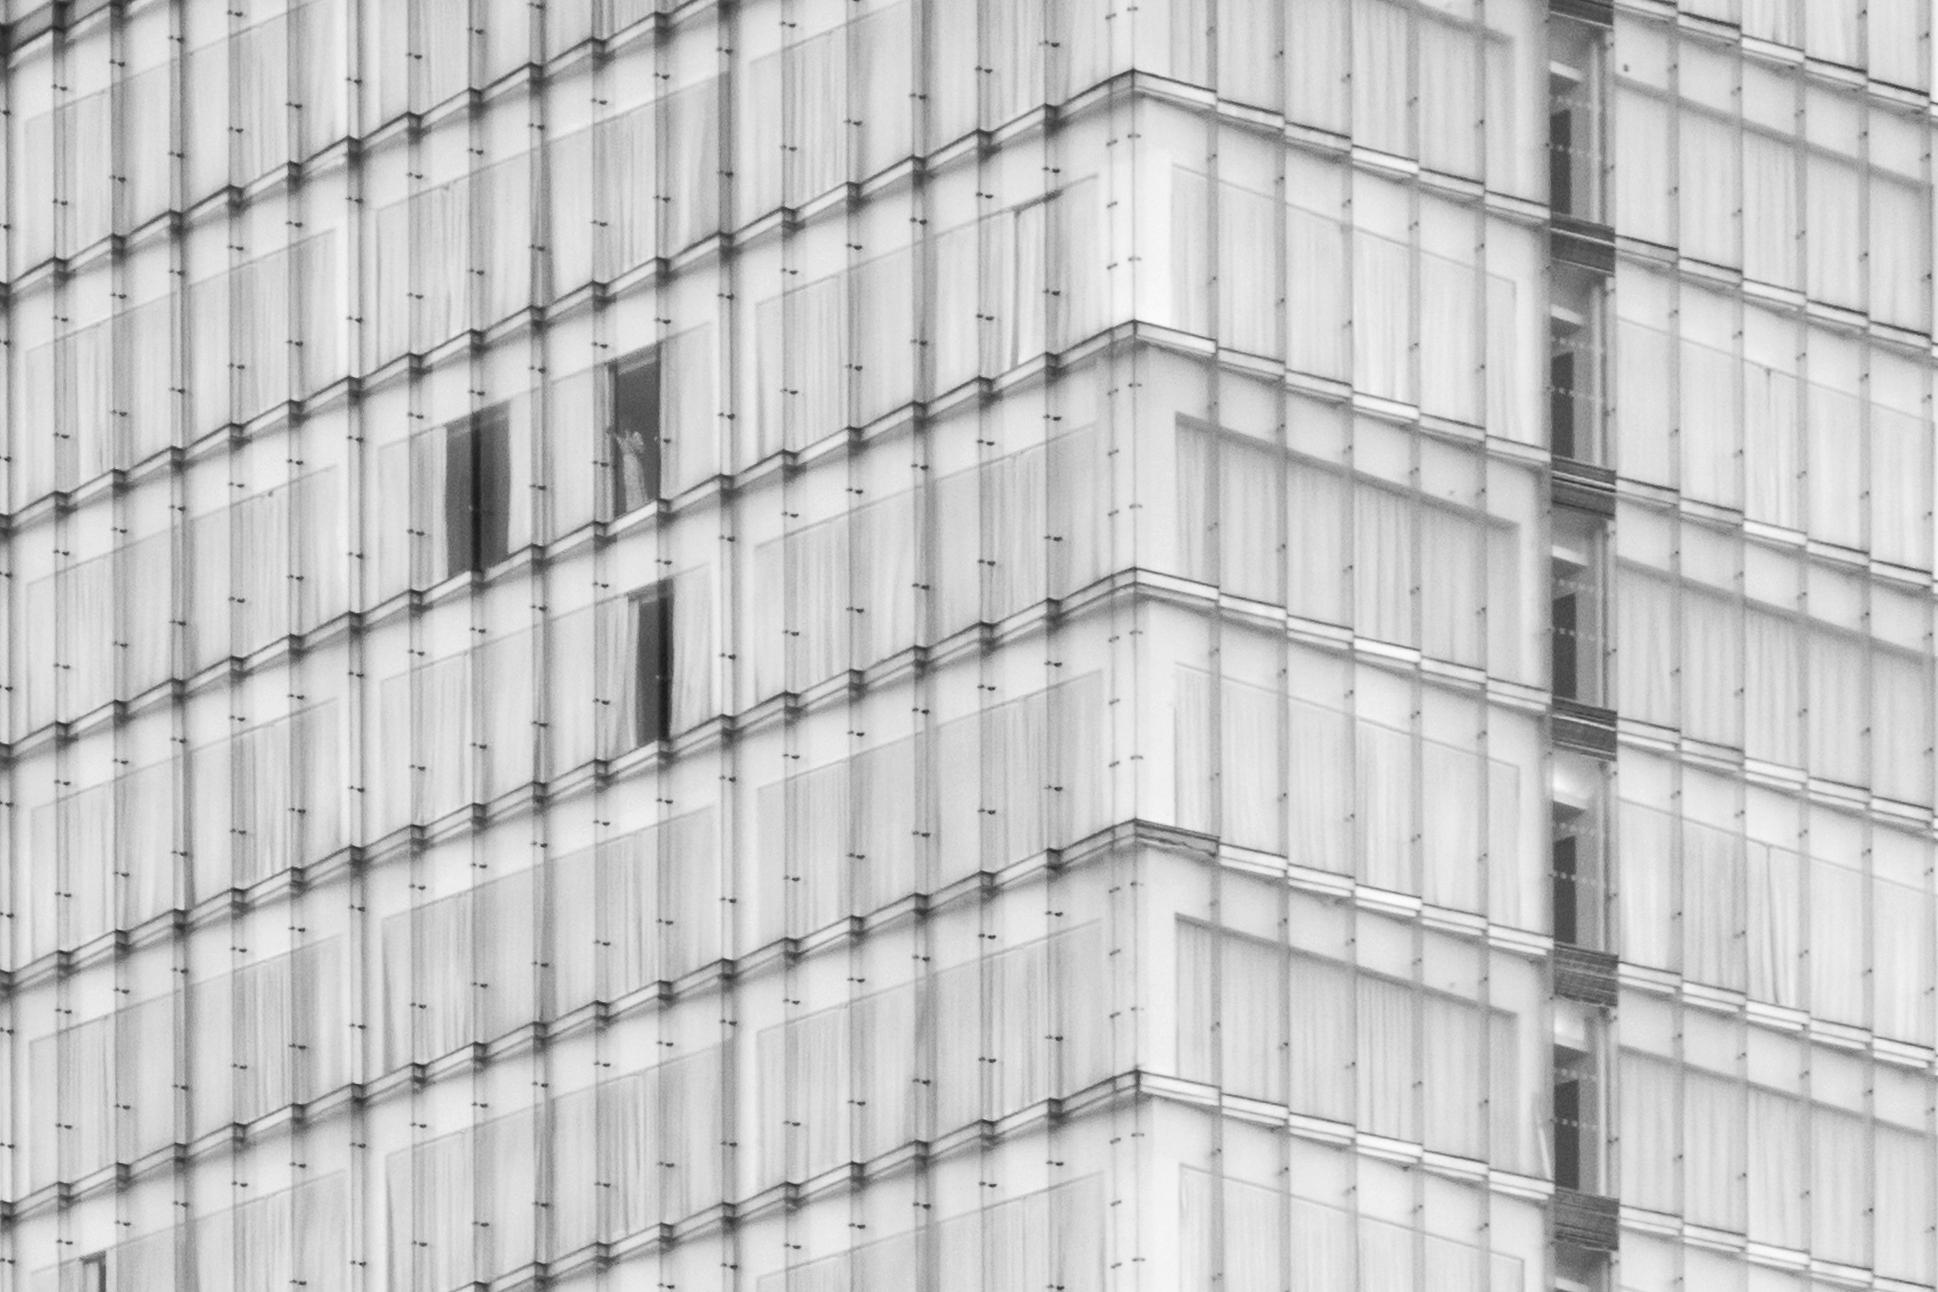 Imagen de ventanas en edificio alto con una persona asomándose por la ventana